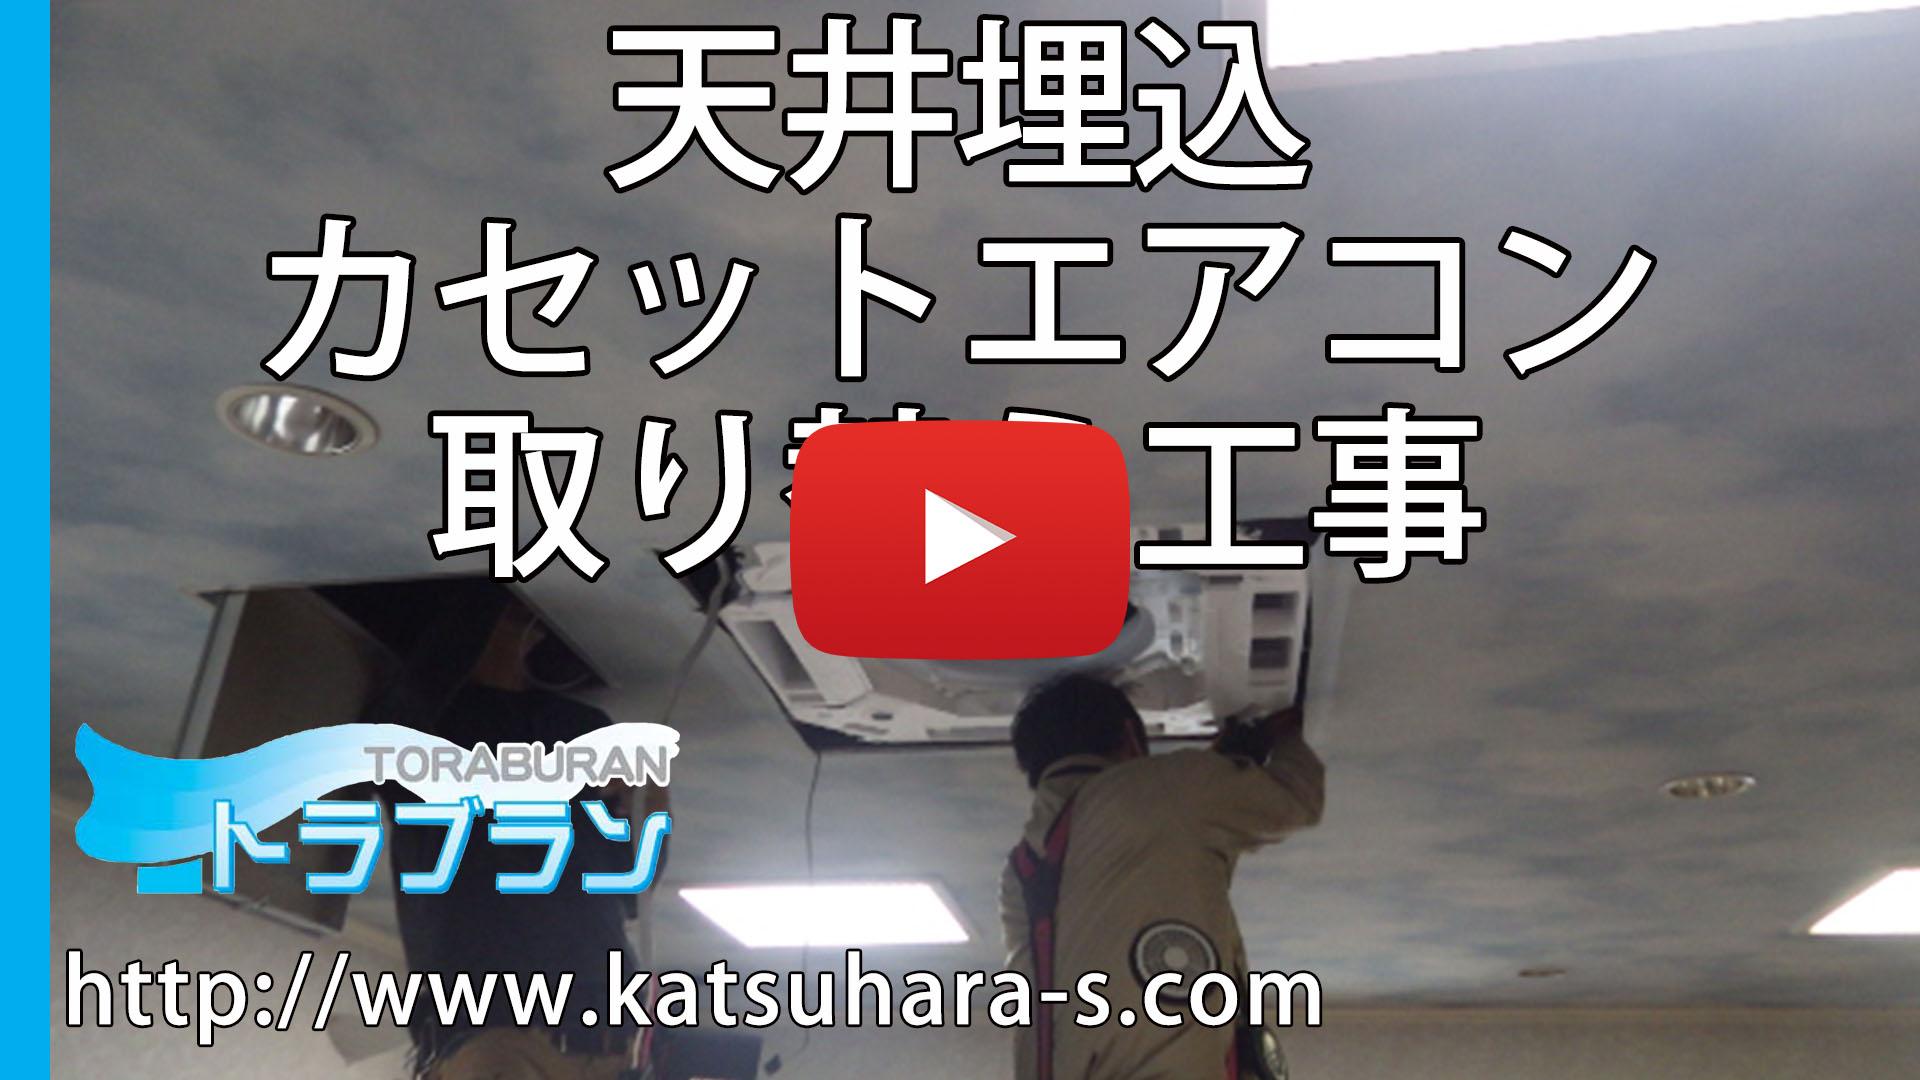 エアコン 取り替え カセットエアコン 天井埋込 トラブラン